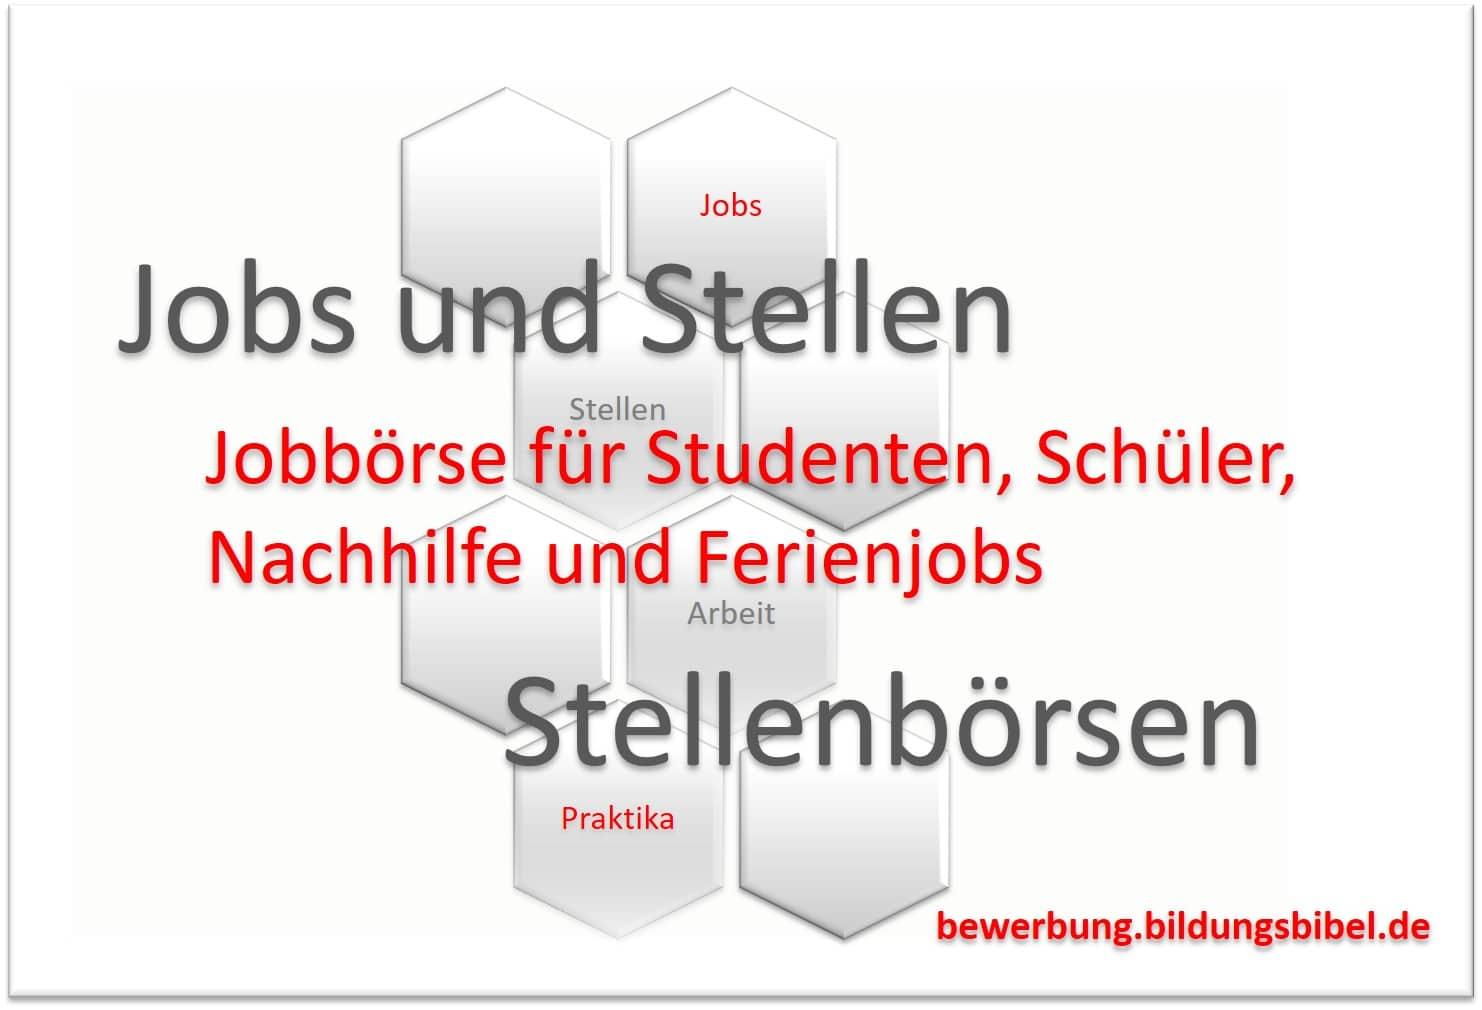 Jobbörse für Studenten und Schüler, Jobs finden, Praktika, Ferienjob und Nachhilfe, Stellenbörsen im Internet für Schüler- und Studentenjobs.